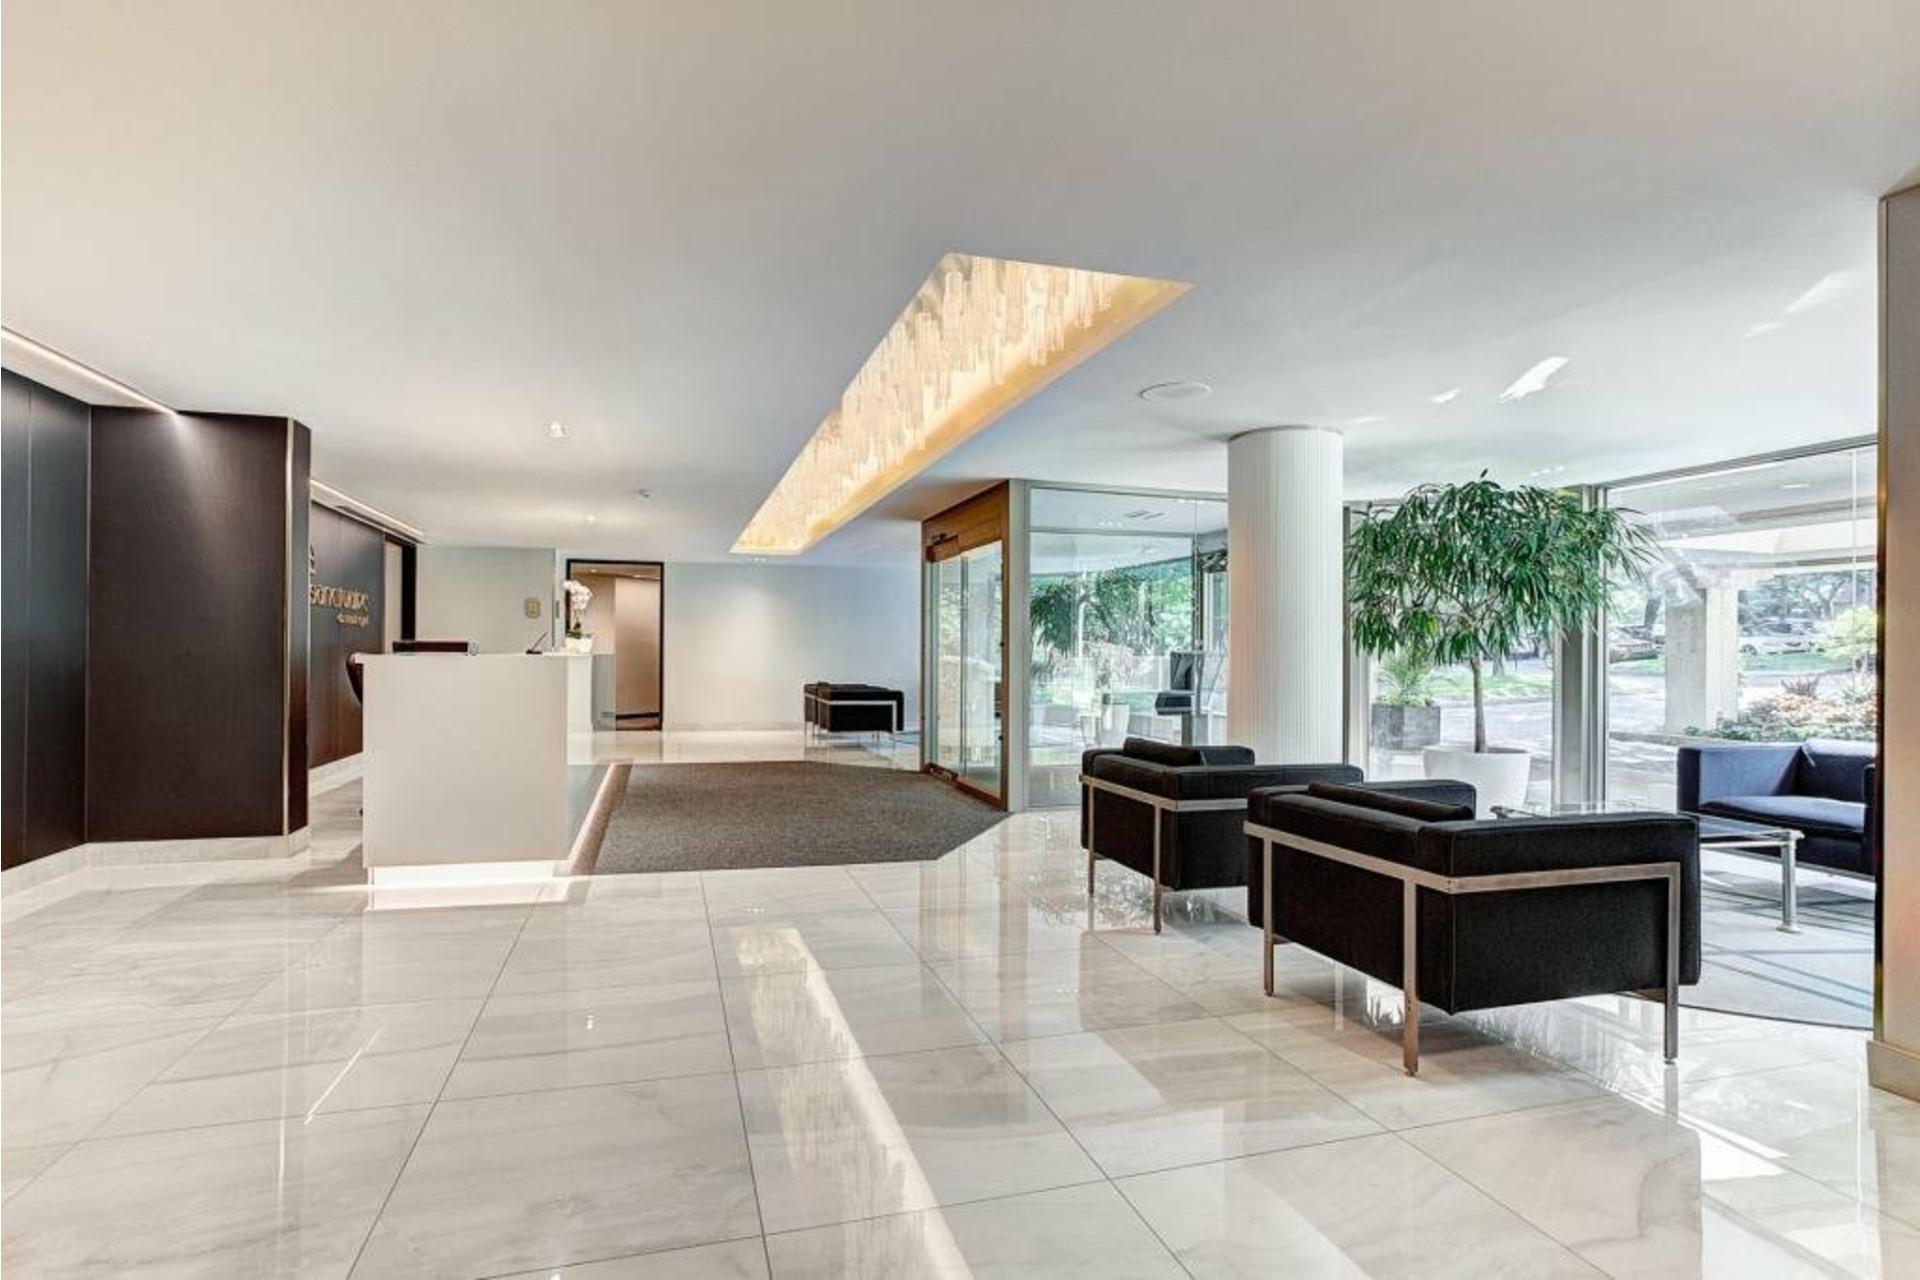 image 4 - Apartment For sale Côte-des-Neiges/Notre-Dame-de-Grâce Montréal  - 5 rooms